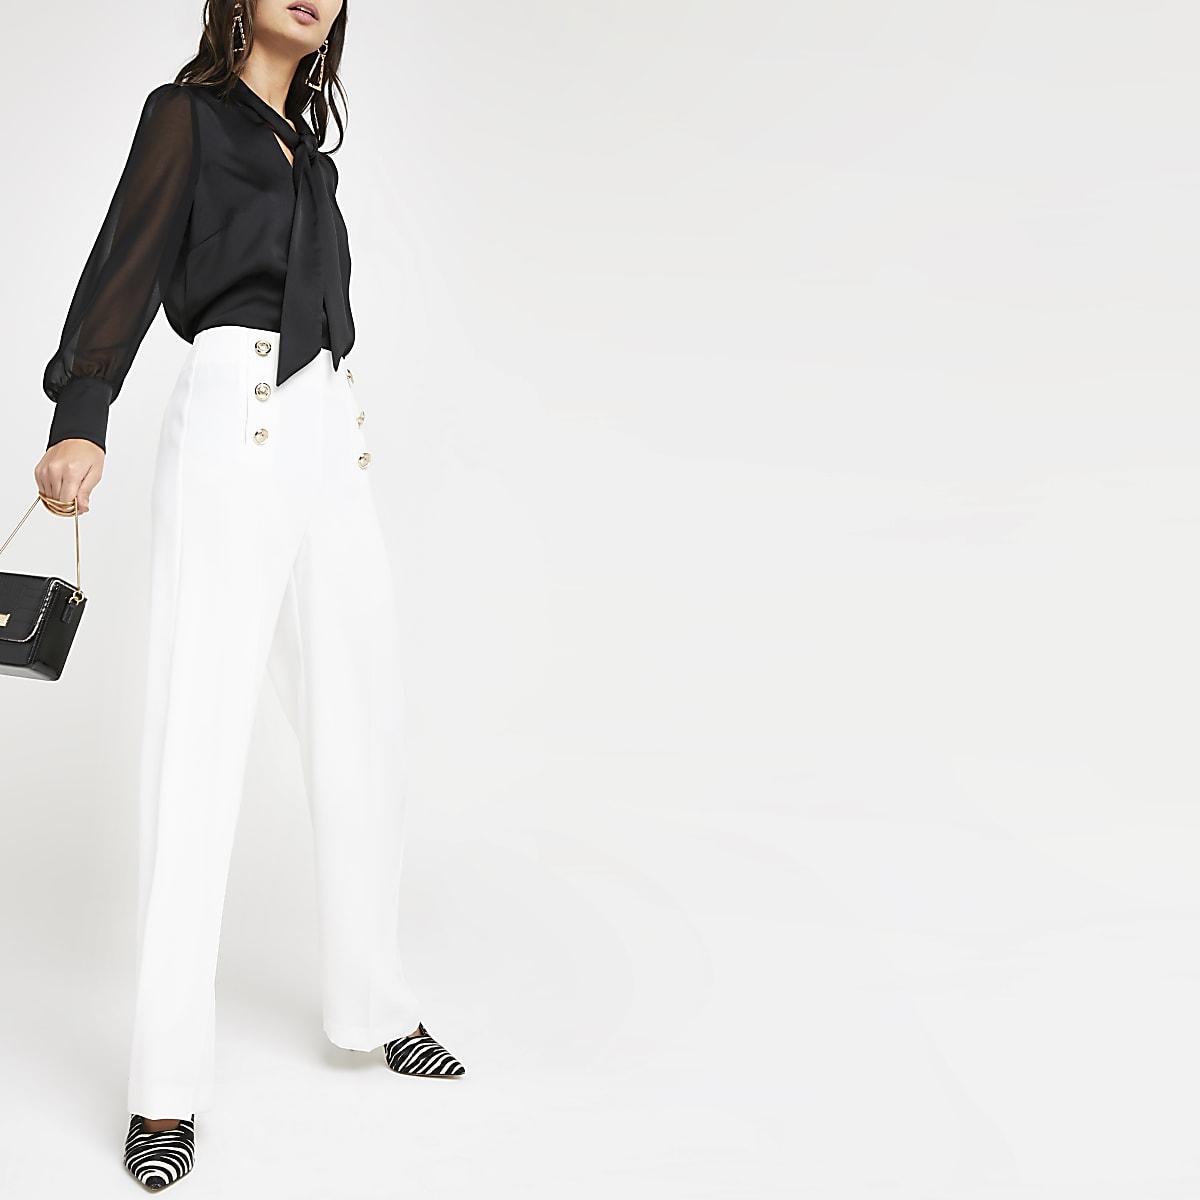 Witte broek met knopen voor en wijde pijpen